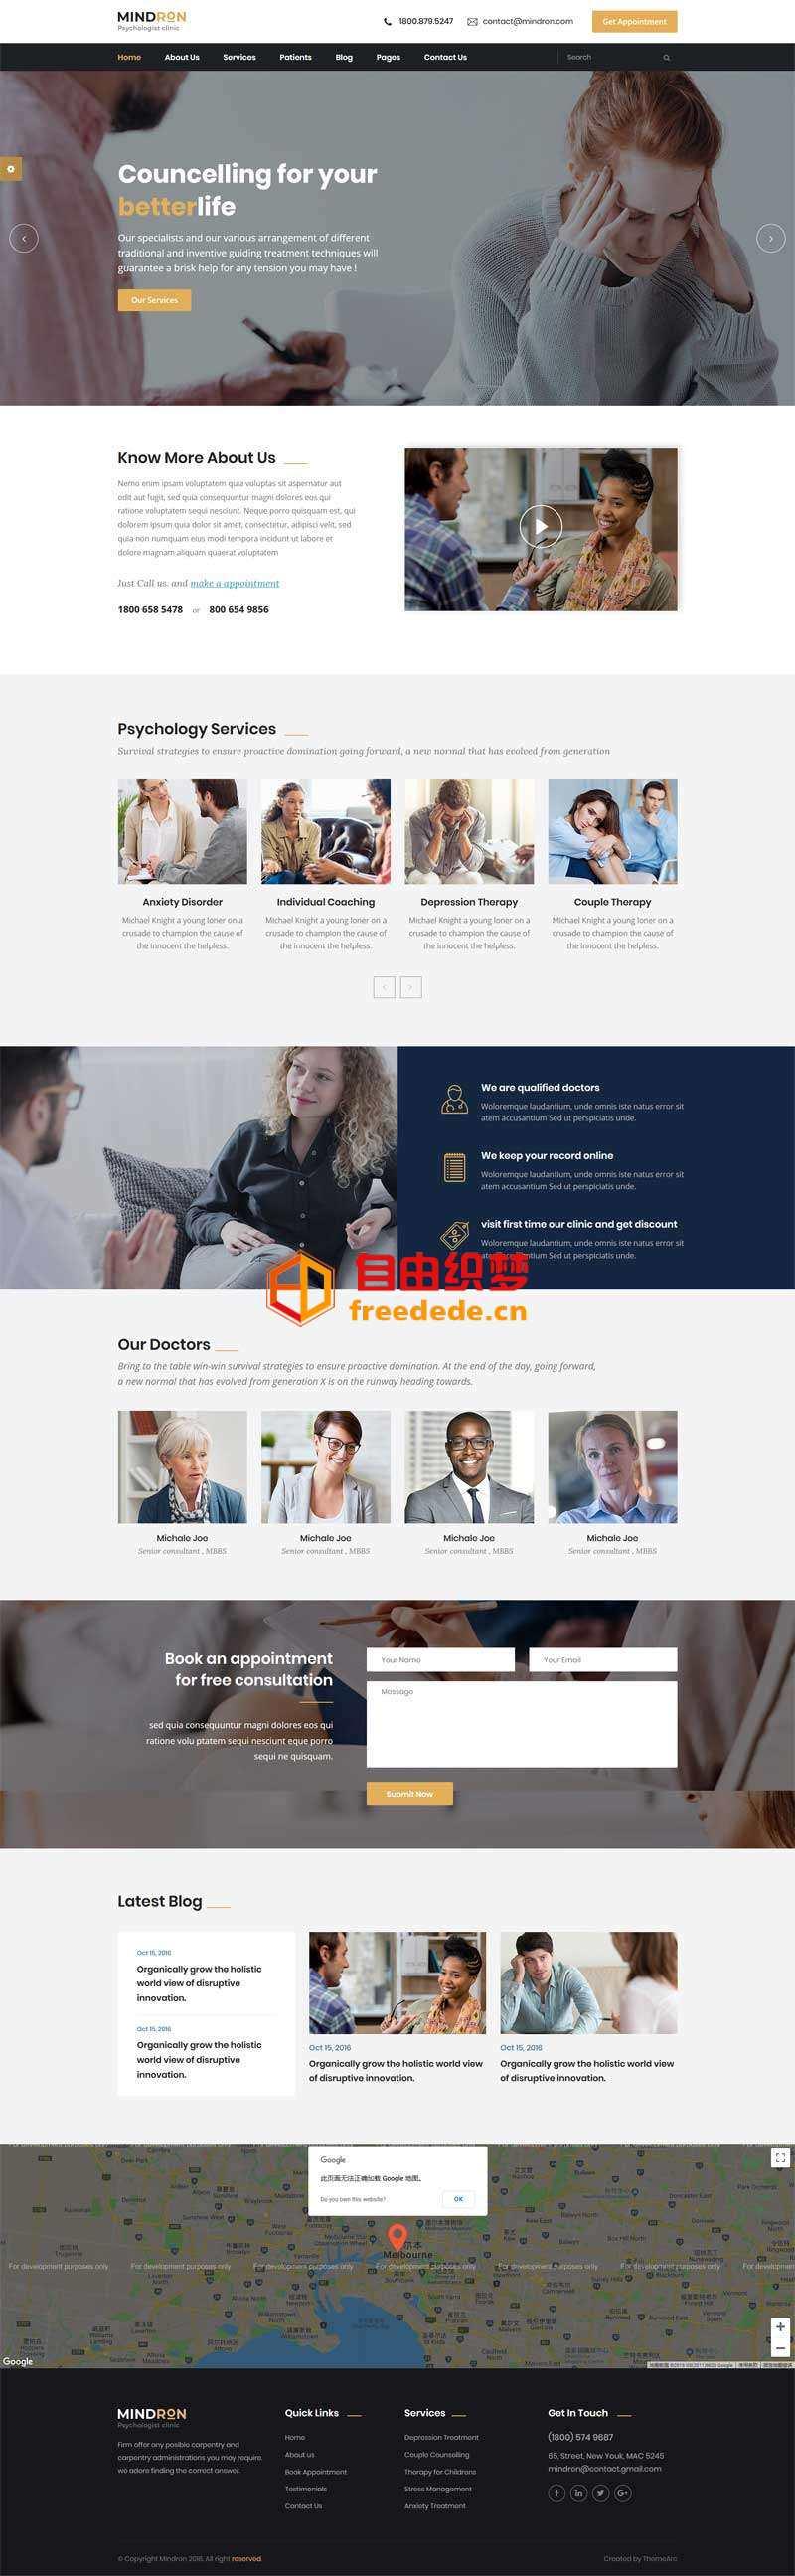 爱上源码网文章响应式心理咨询机构网站HTML5模板的内容插图